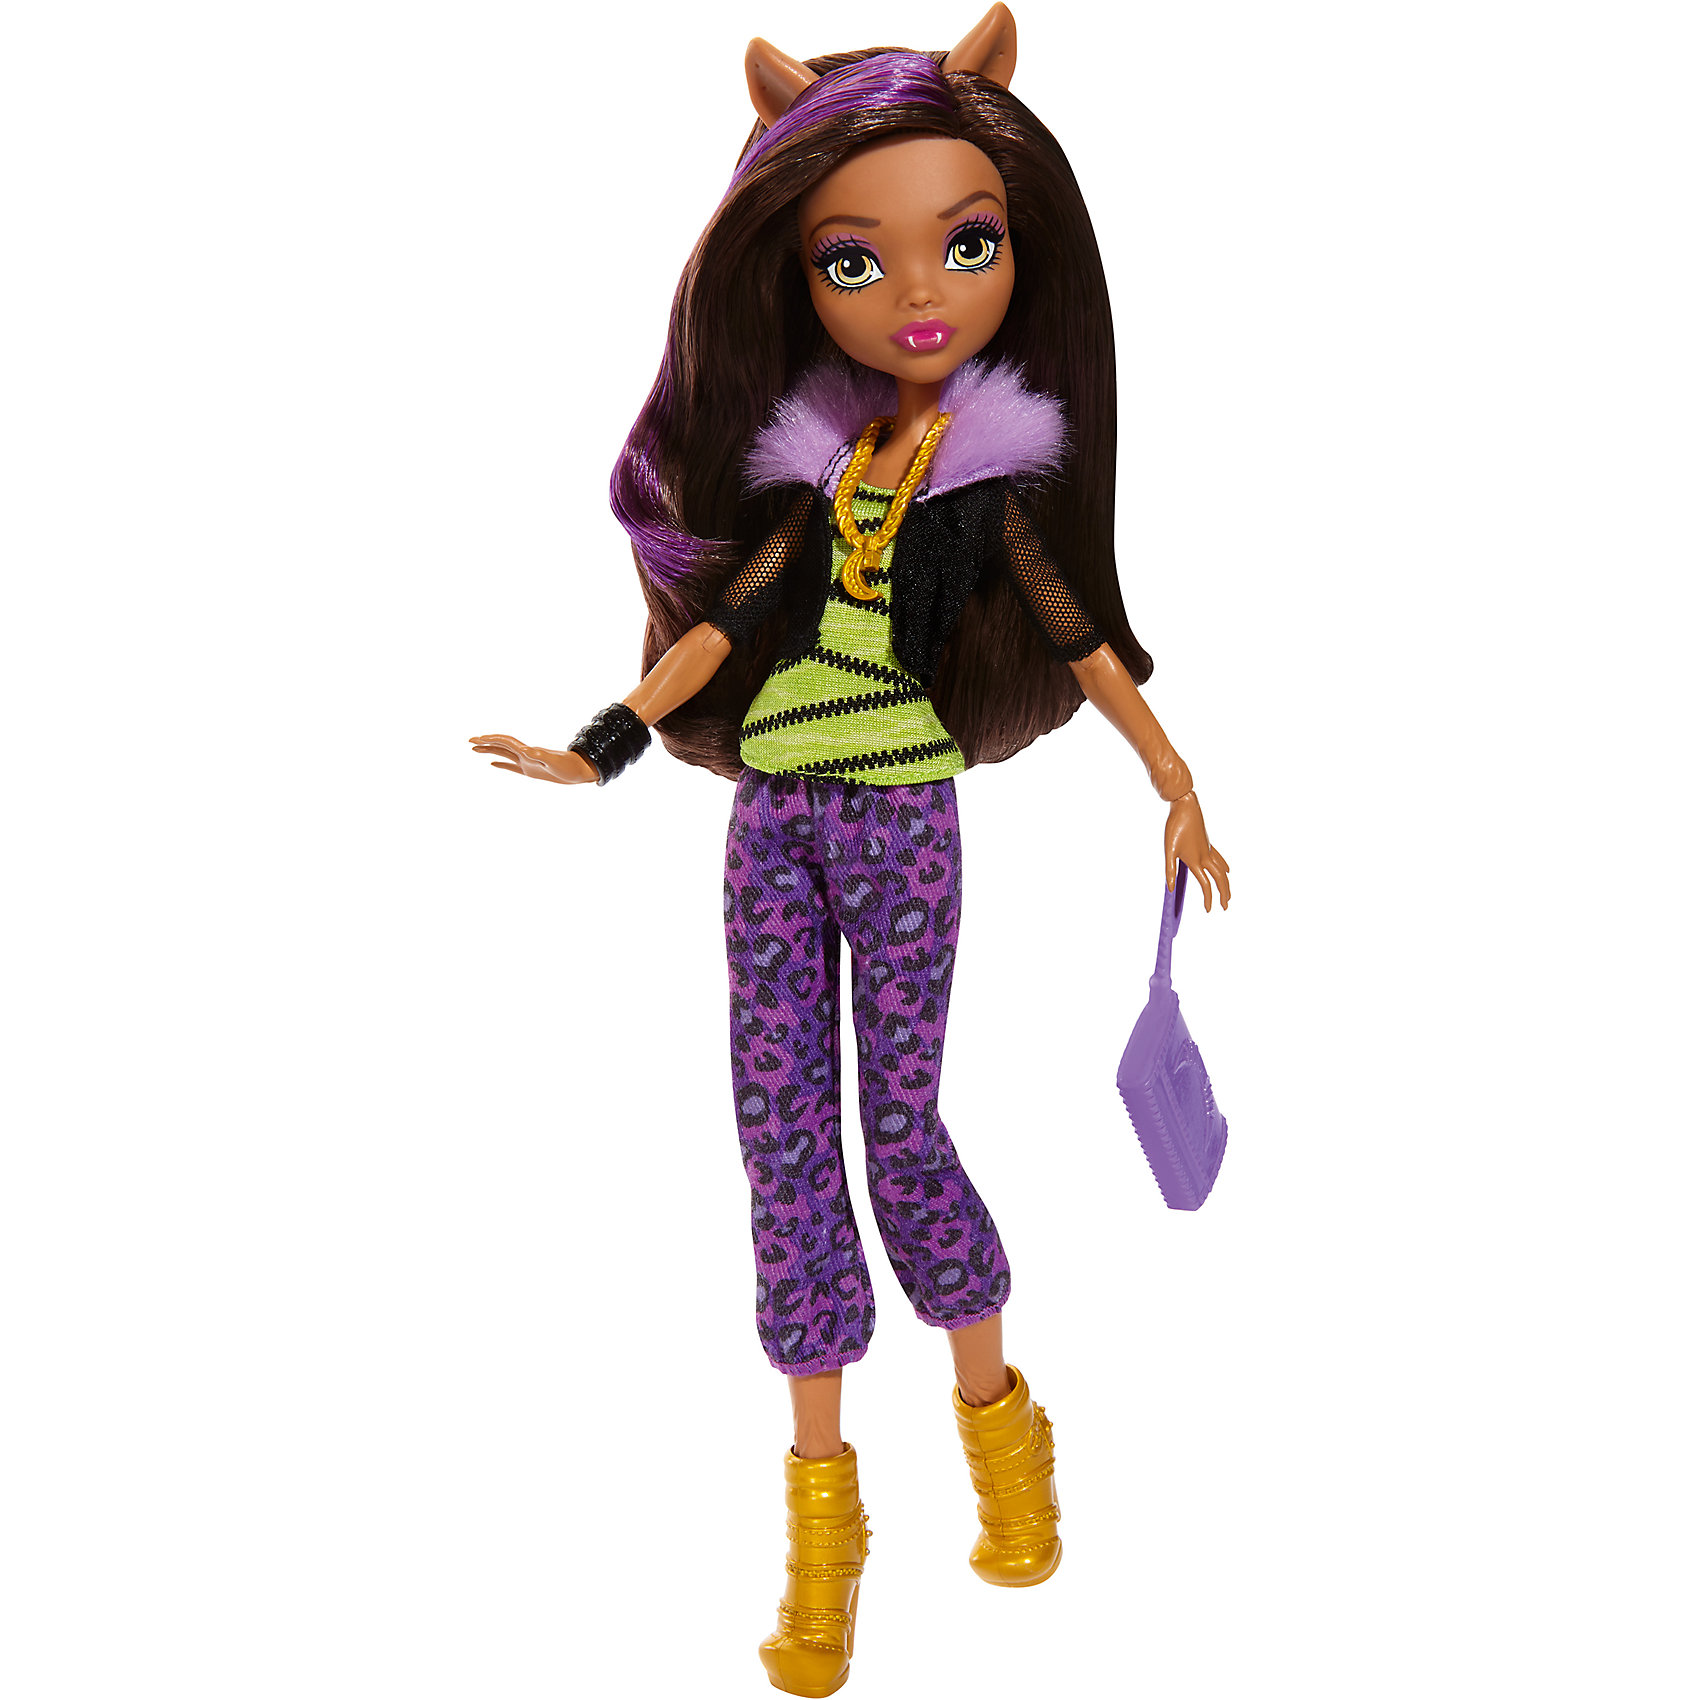 Кукла в модном наряде, Monster HighКукла в новом наряде  имеет уникальный наряд со съемными аксессуарами: ожерельем,сумочкой,туфлями. Благодаря этому, ребёнок сможет создать не один образ для куклы.  С ней девочка придумает собственную фантастическую историю о куклах-монстрах. Игра с куклой в новом наряде не только подарить много положительных эмоций, но и поспособствует развитию фантазию ребенка. <br>В товар входит:<br>-кукла<br>-аксессуары<br><br>Дополнительная информация:<br>-Размерв упаковке: 33х 15 х 6<br>-Вес:258 г<br>-Состав: текстиль, пластмасса<br>-Для девочек от 6 лет<br>-Марка: Mattel<br><br>Ширина мм: 339<br>Глубина мм: 154<br>Высота мм: 66<br>Вес г: 184<br>Возраст от месяцев: 72<br>Возраст до месяцев: 120<br>Пол: Женский<br>Возраст: Детский<br>SKU: 4973465